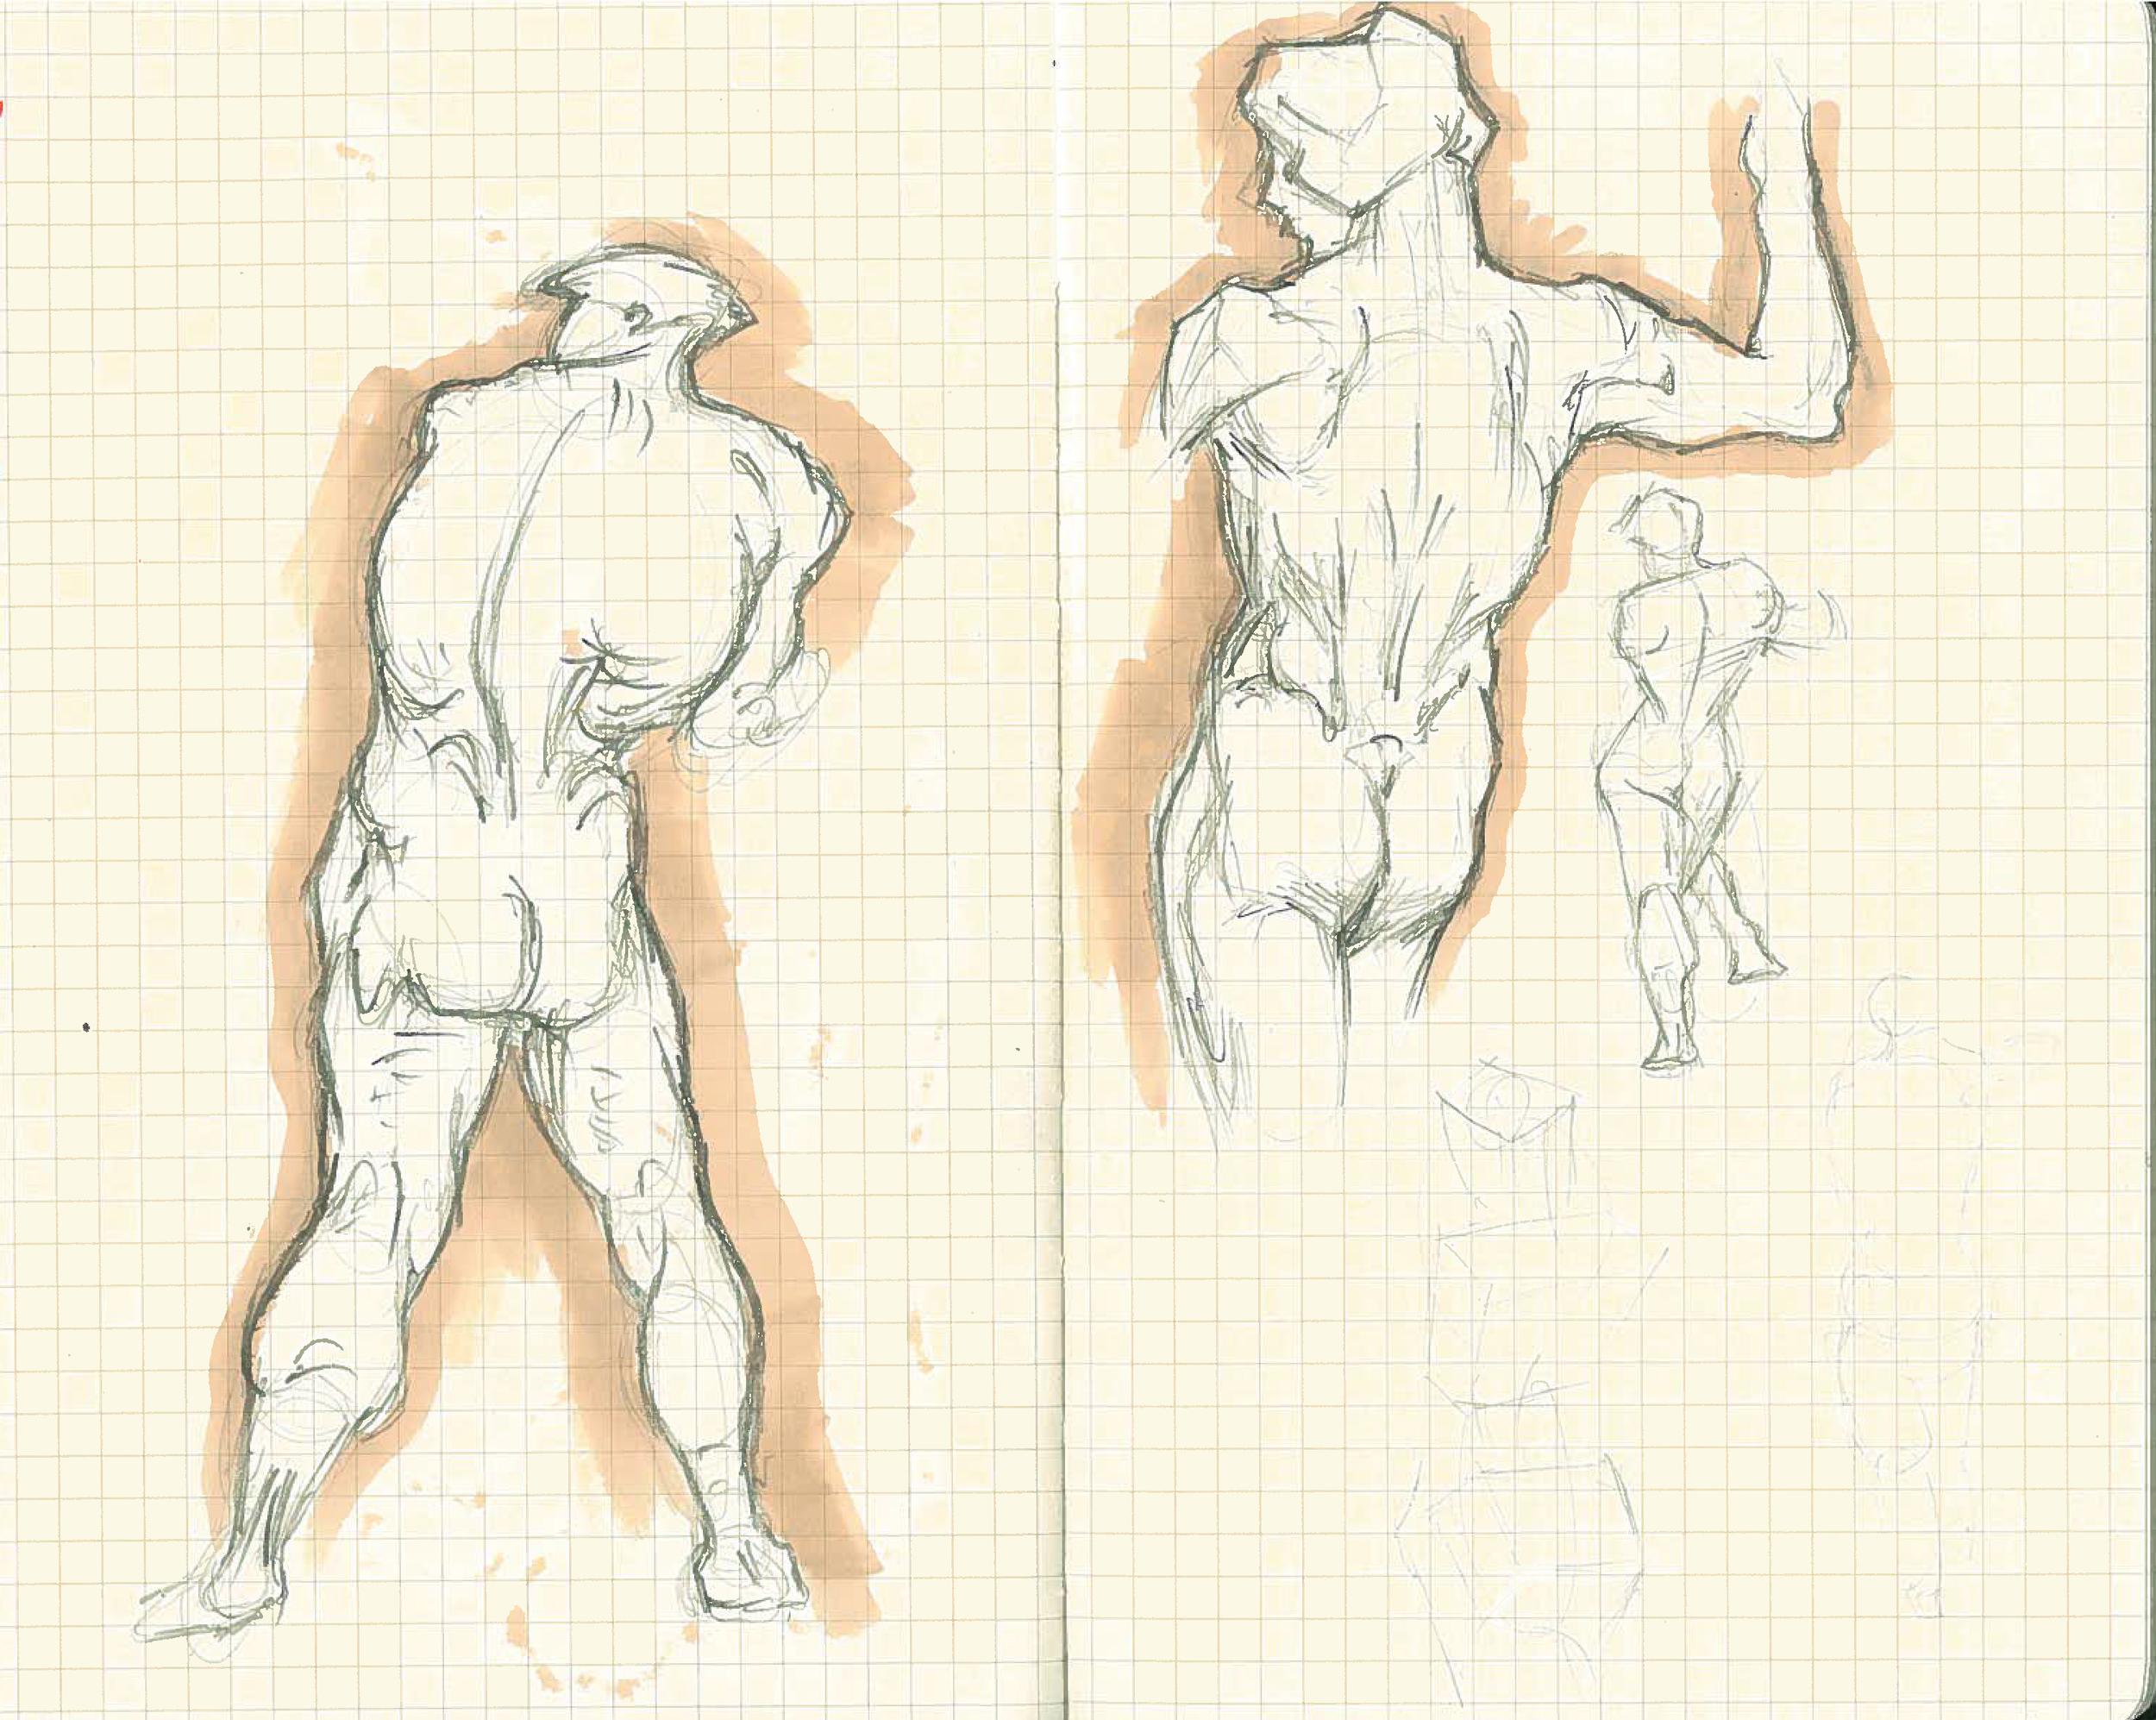 Sketch 002.jpg